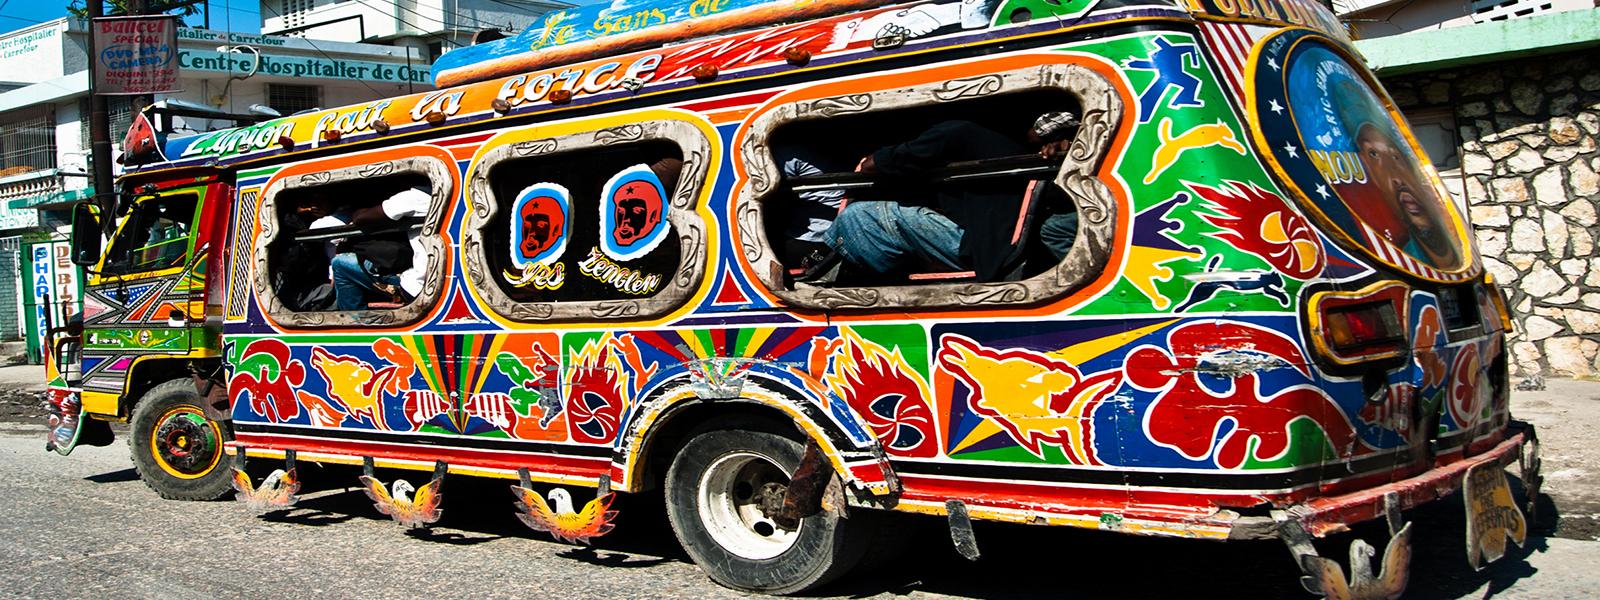 Haiti_Bus_1660x600.jpg